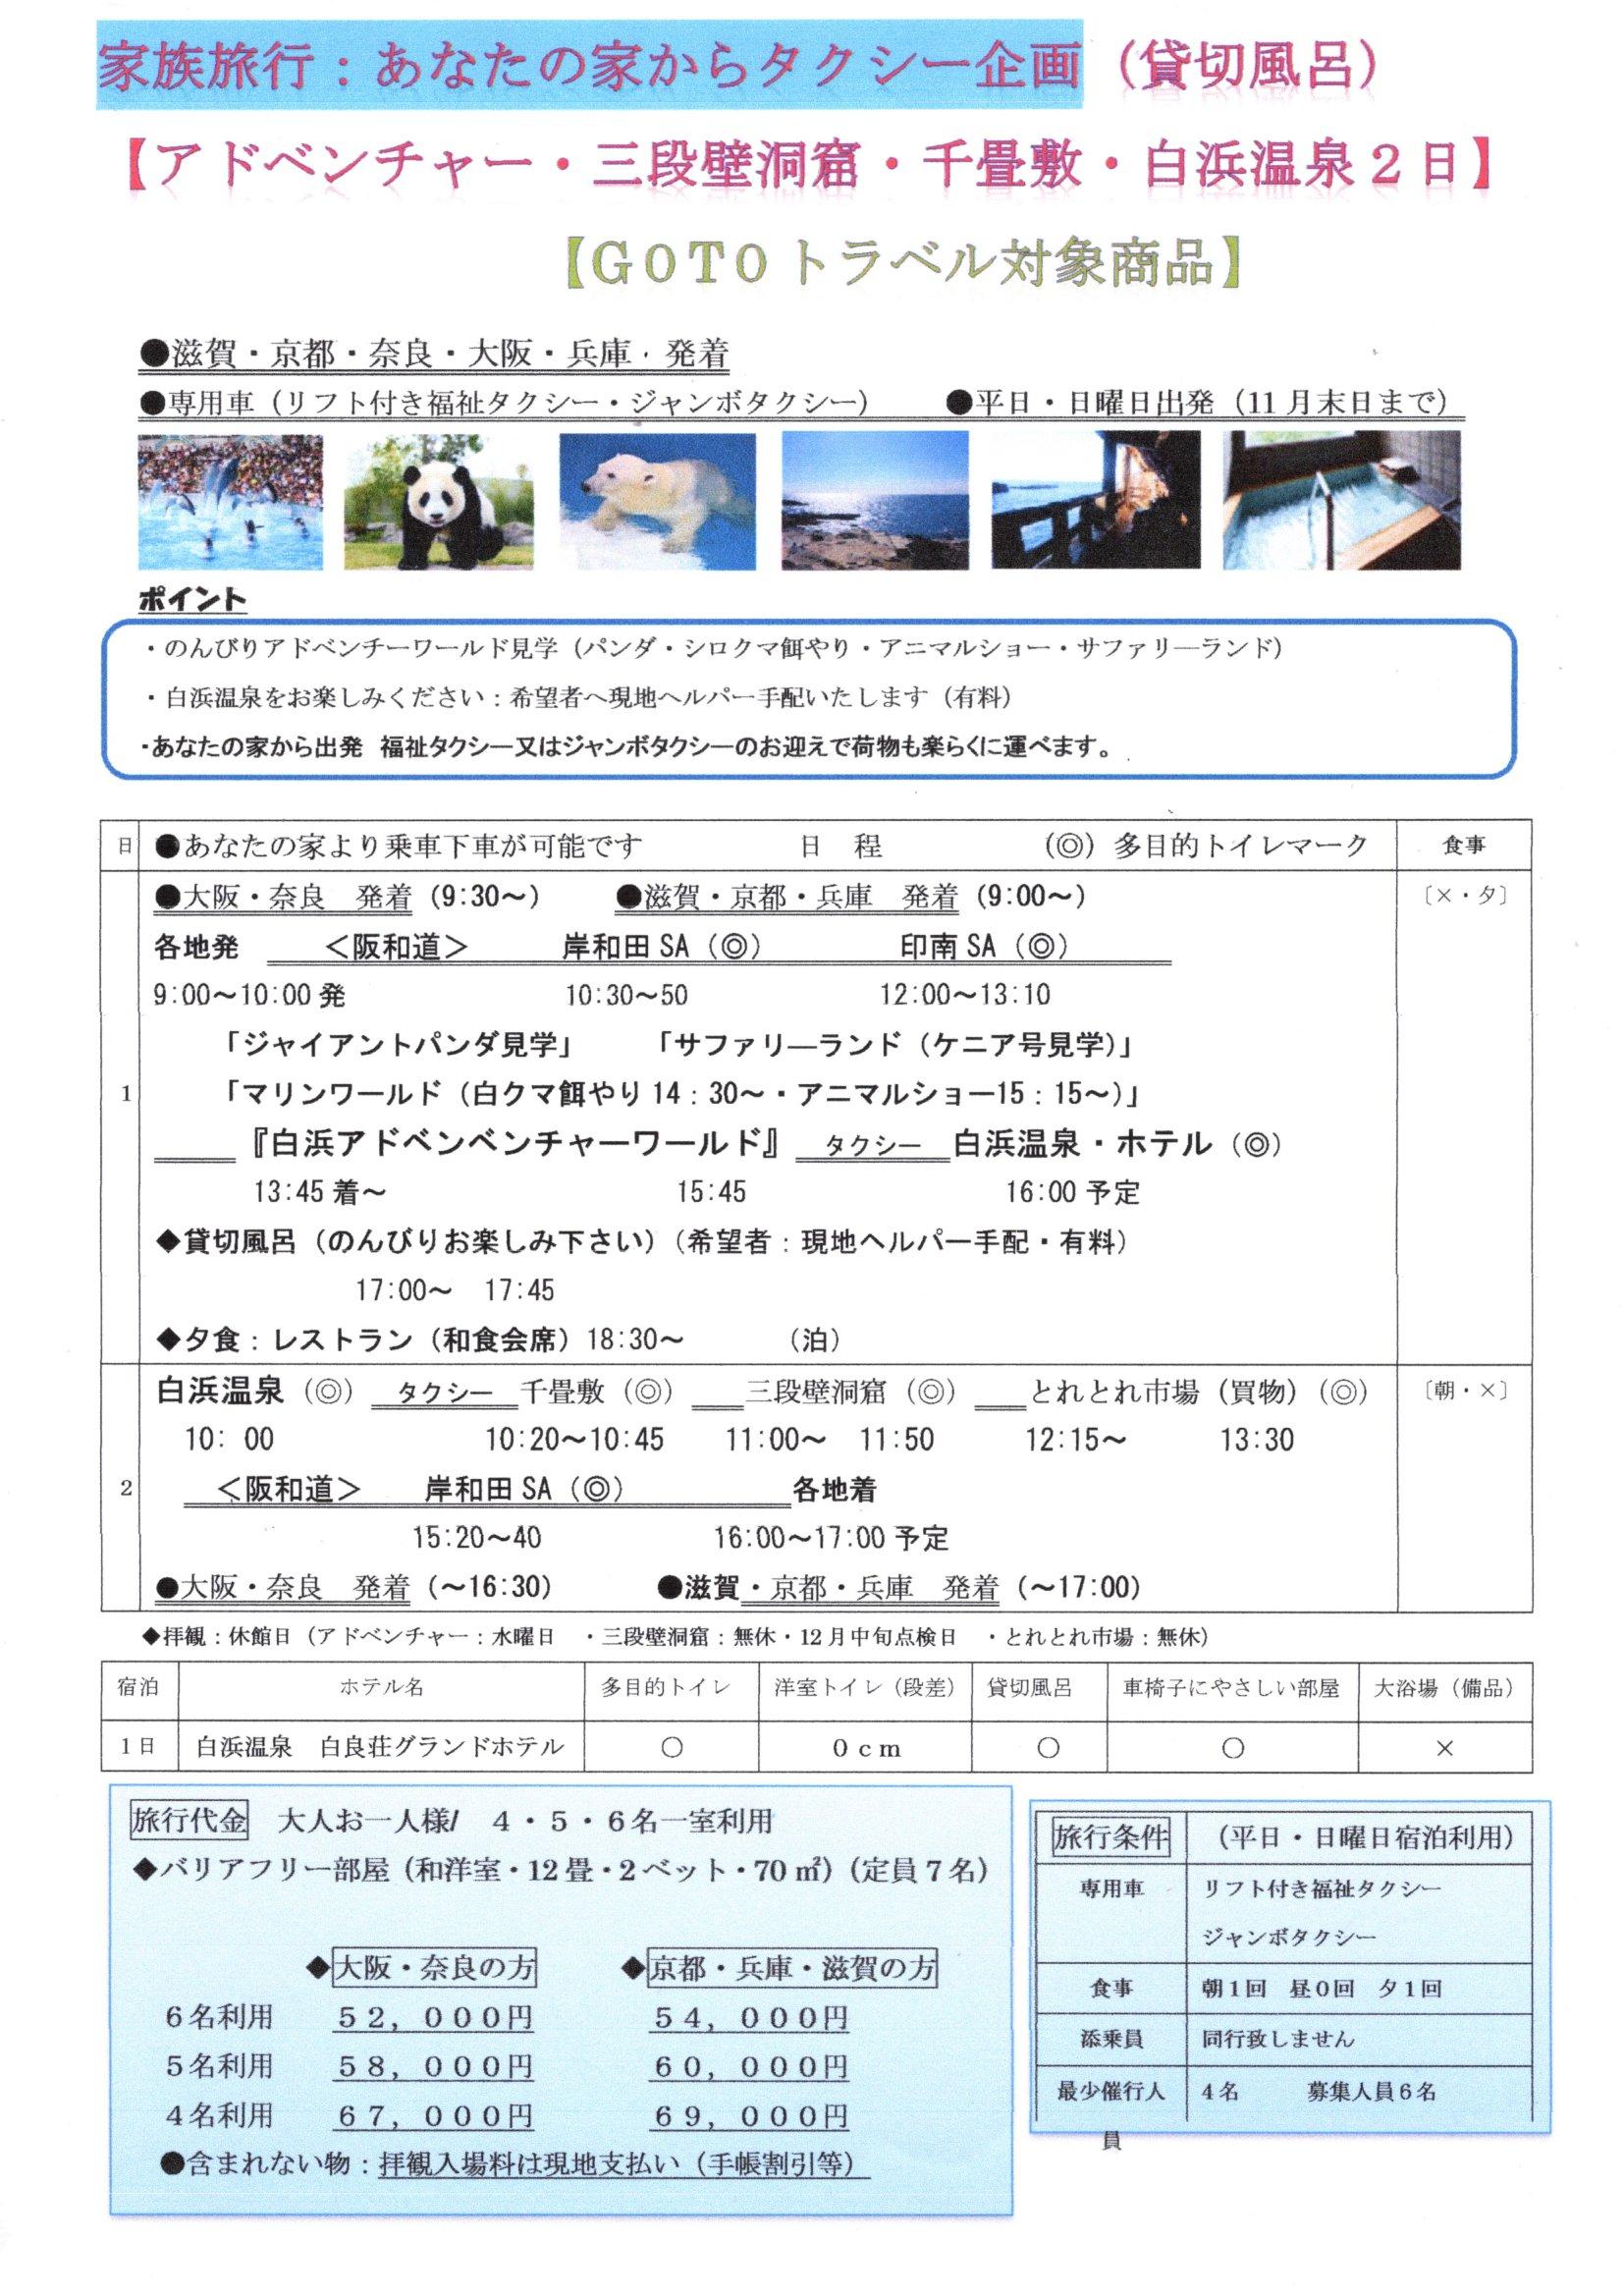 アドベンチャーワールド・三段壁洞窟・のんびり日本最古南紀白浜温泉 2日